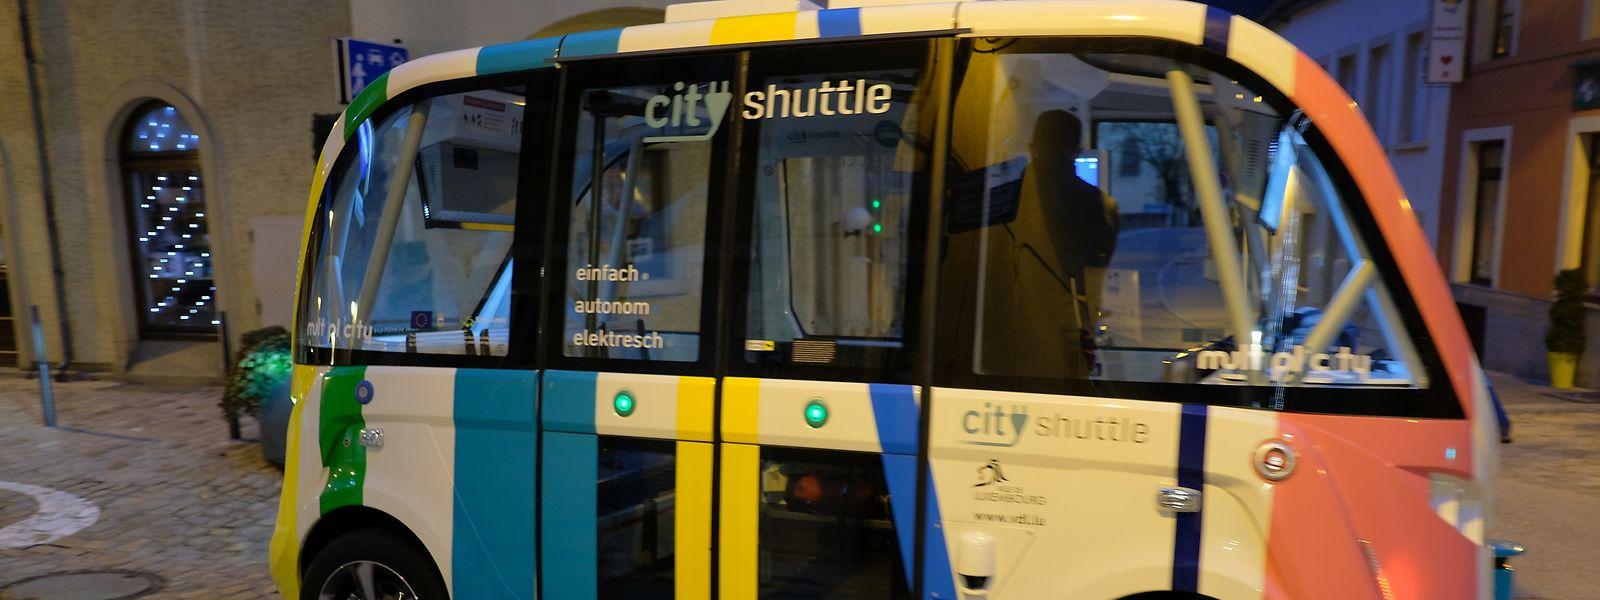 Depuis le 20 septembre 2018, deux mini-bus autonomes, c'est-à-dire sans chauffeur, circulent à Luxembourg dans le quartier Pfaffenthal.